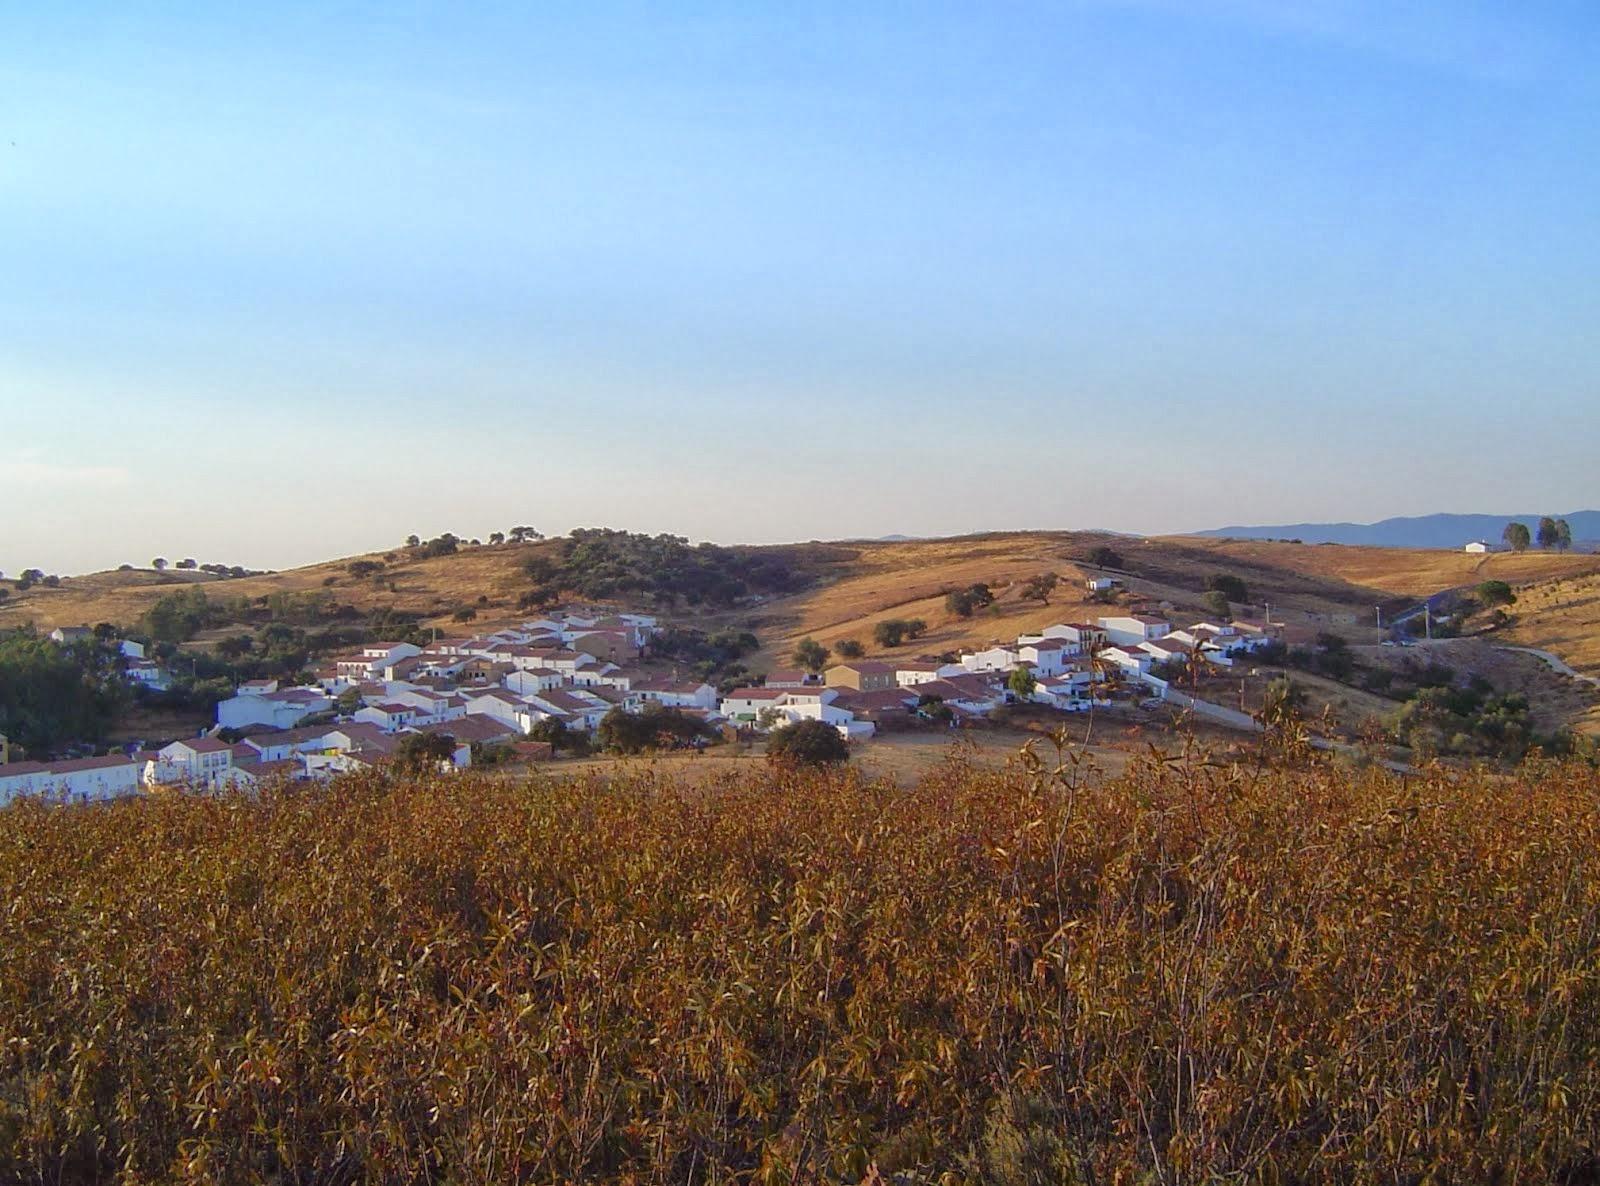 De Montes de San Benito